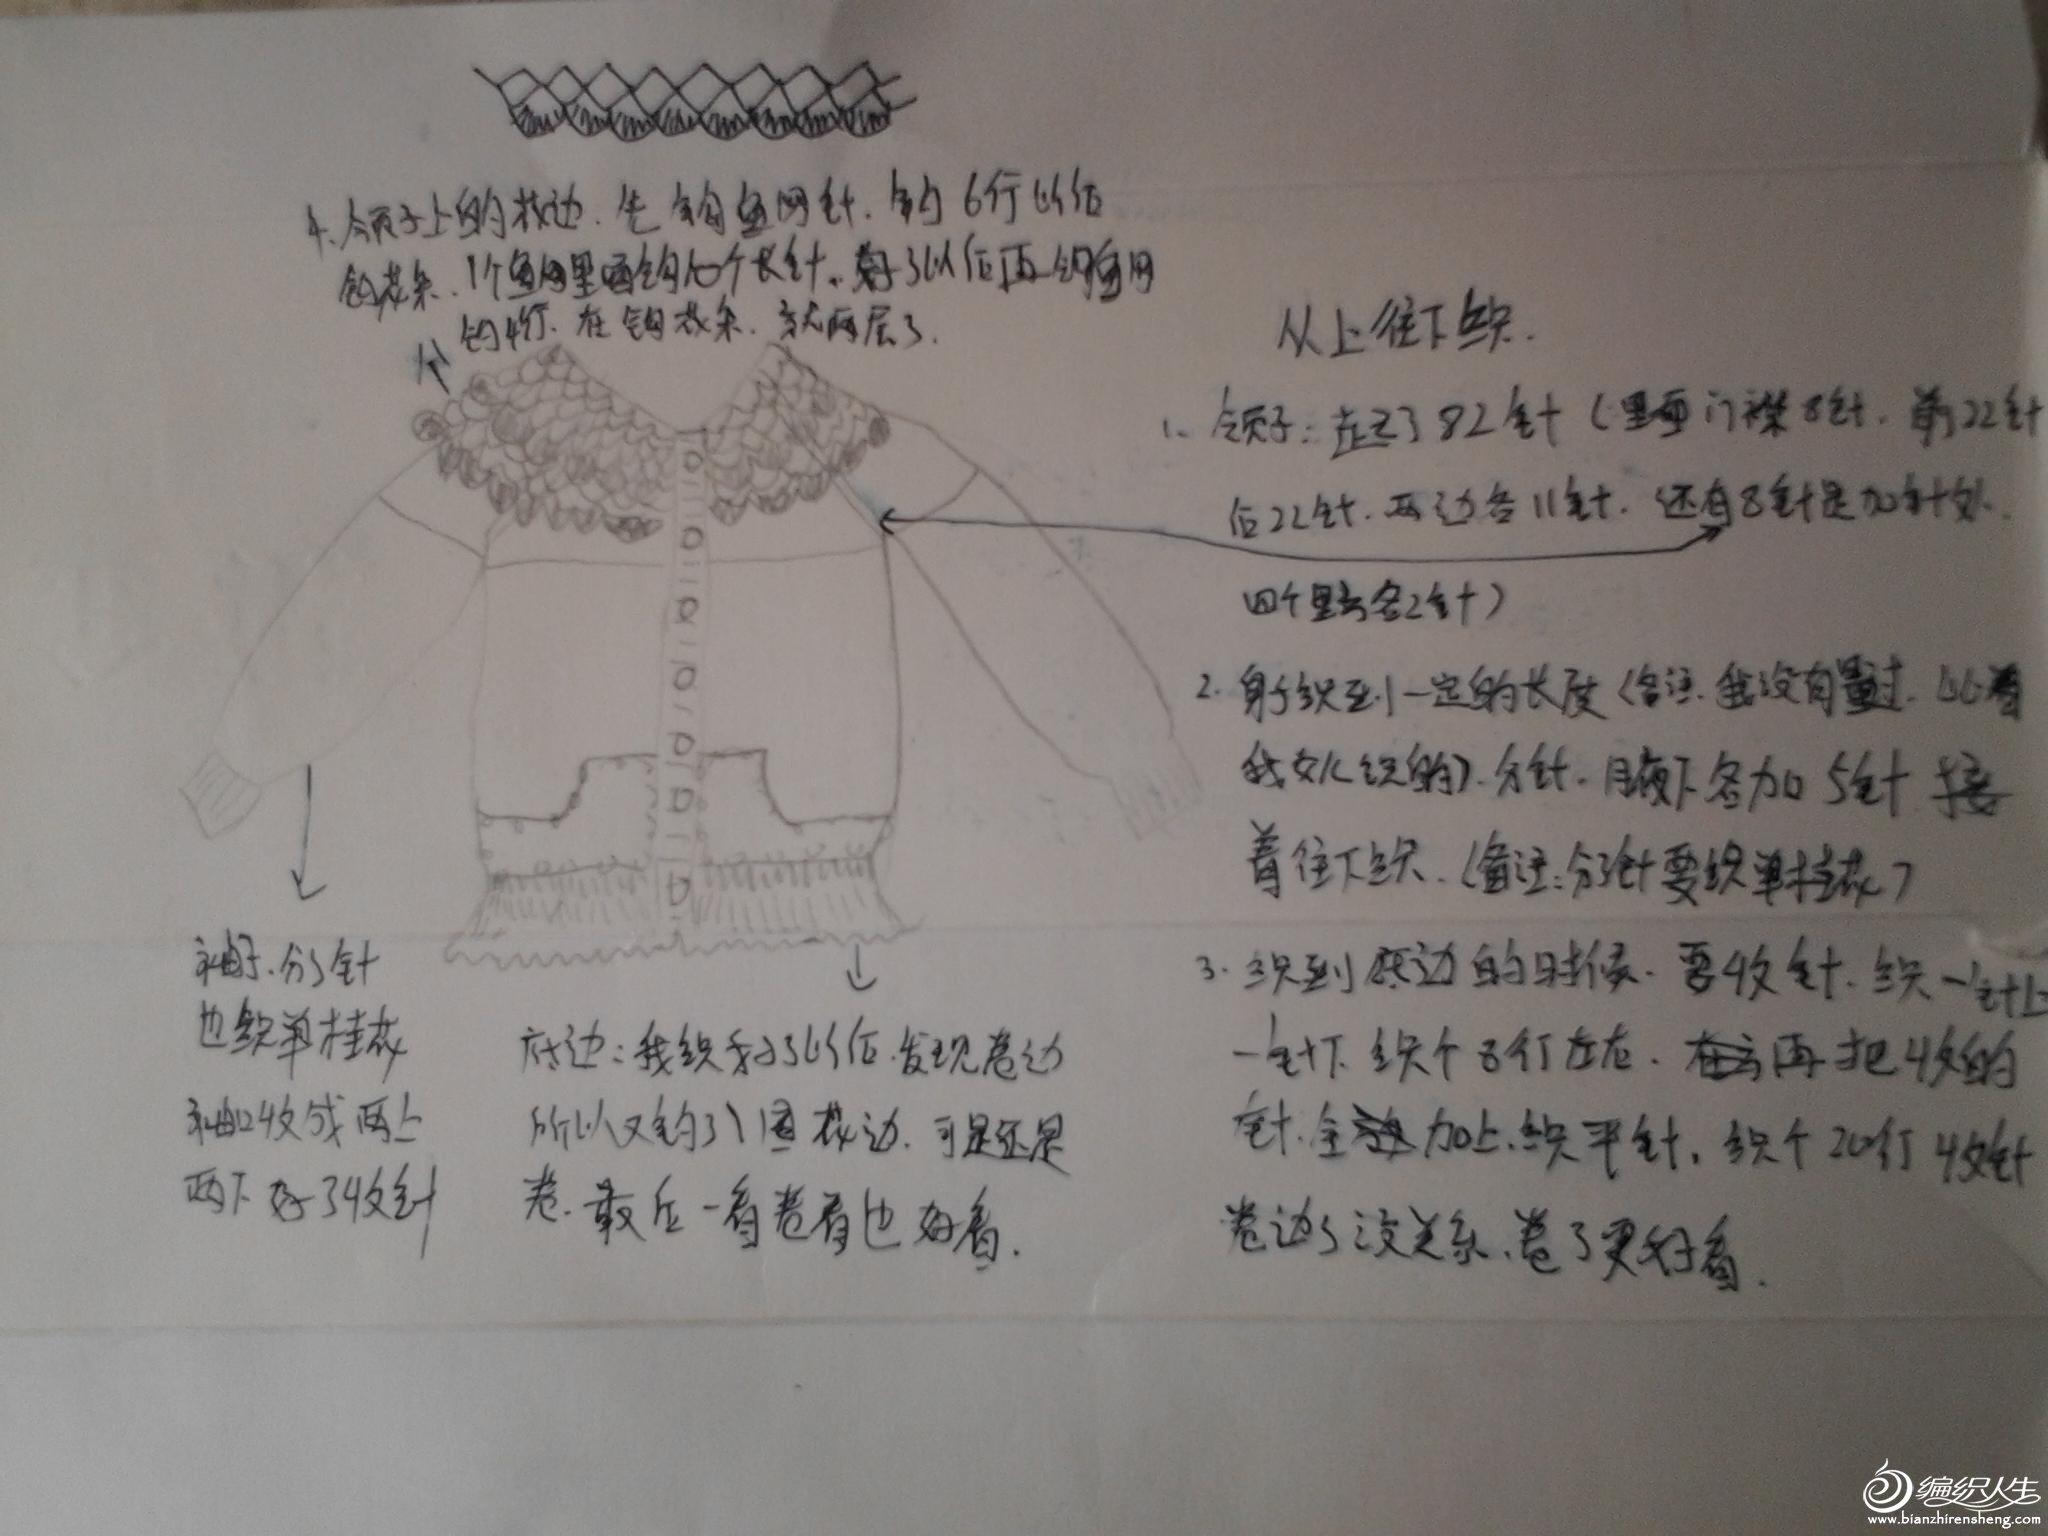 20121011_130844_17114140.jpg